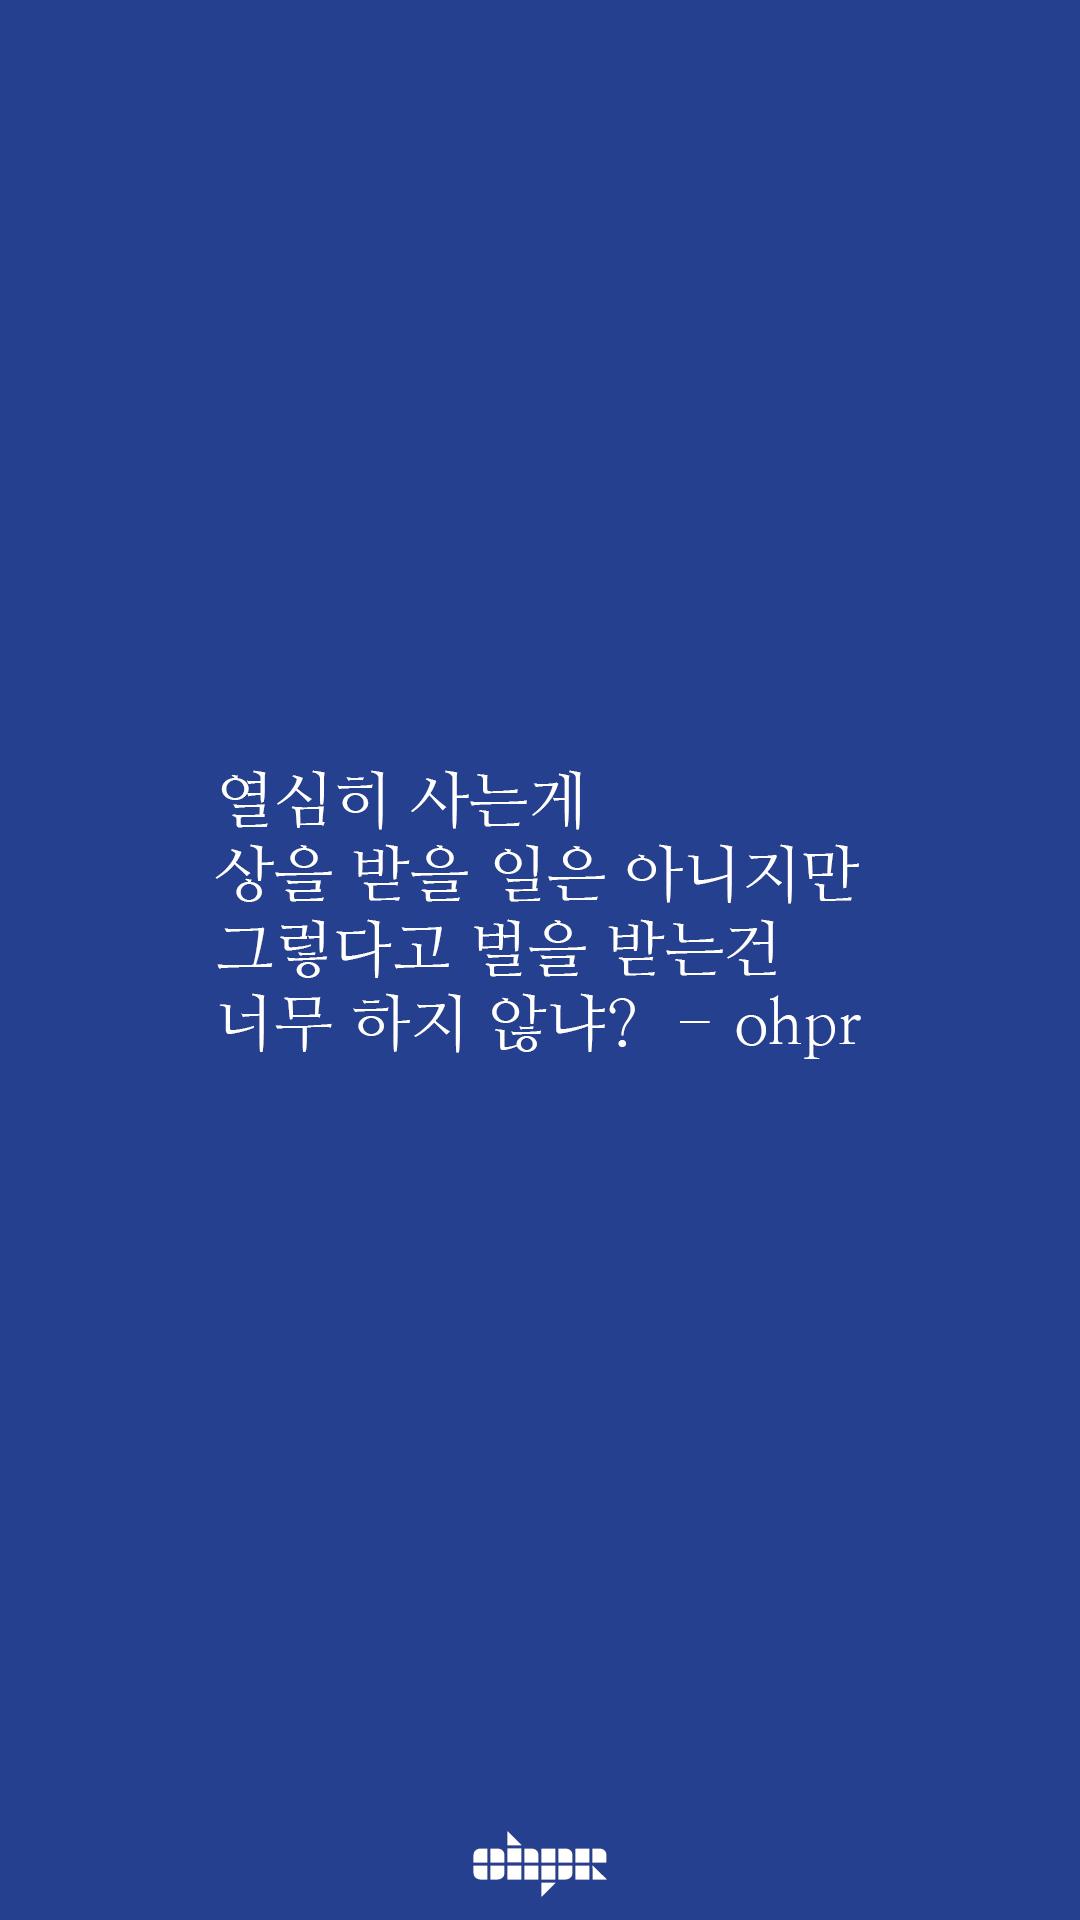 ohpr_wording5